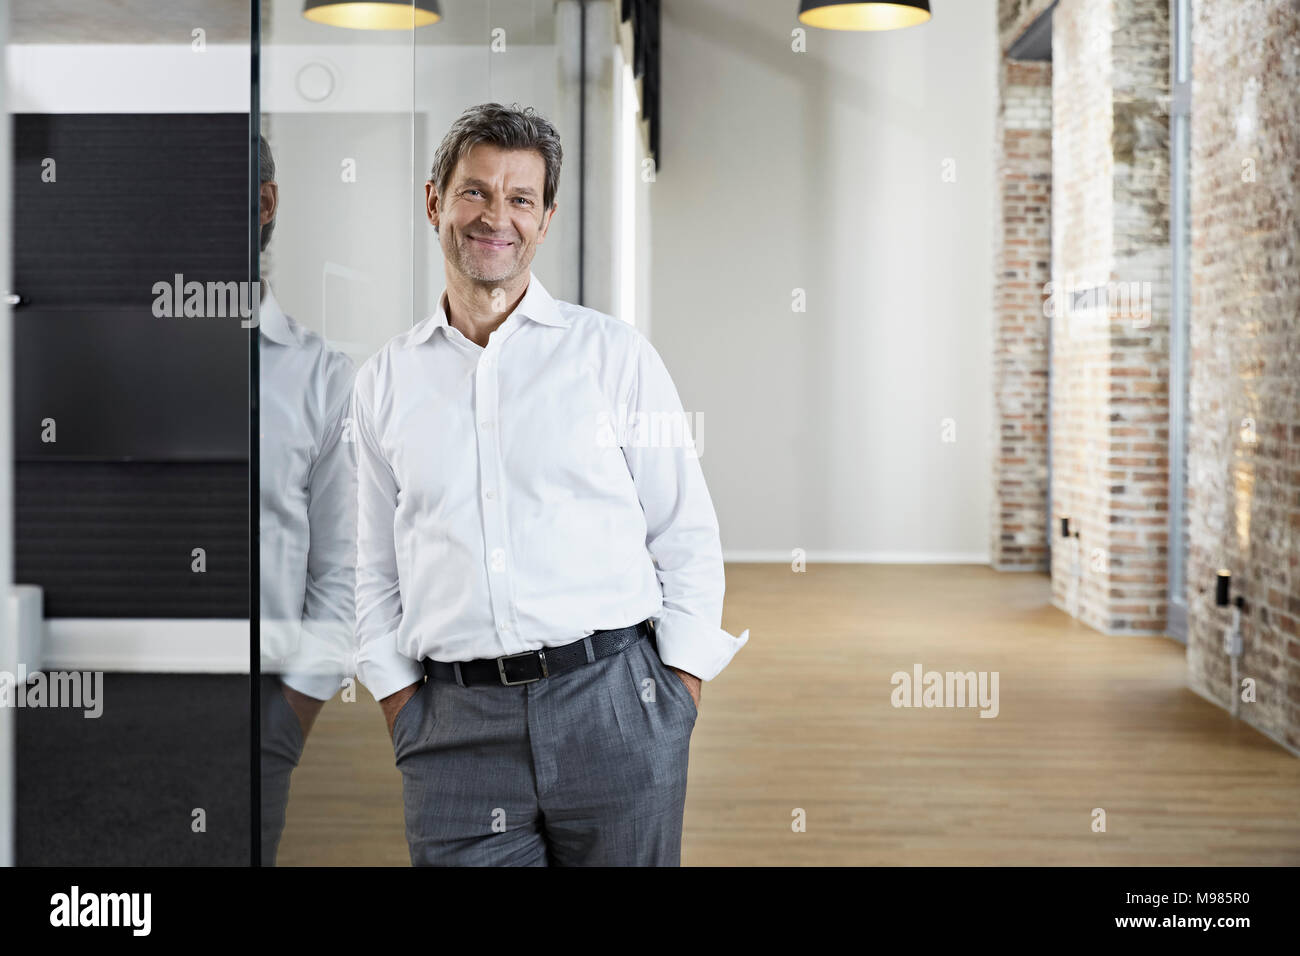 Portrait von lächelnden Geschäftsmann lehnte sich gegen Glasscheibe in modernen Büro Stockfoto